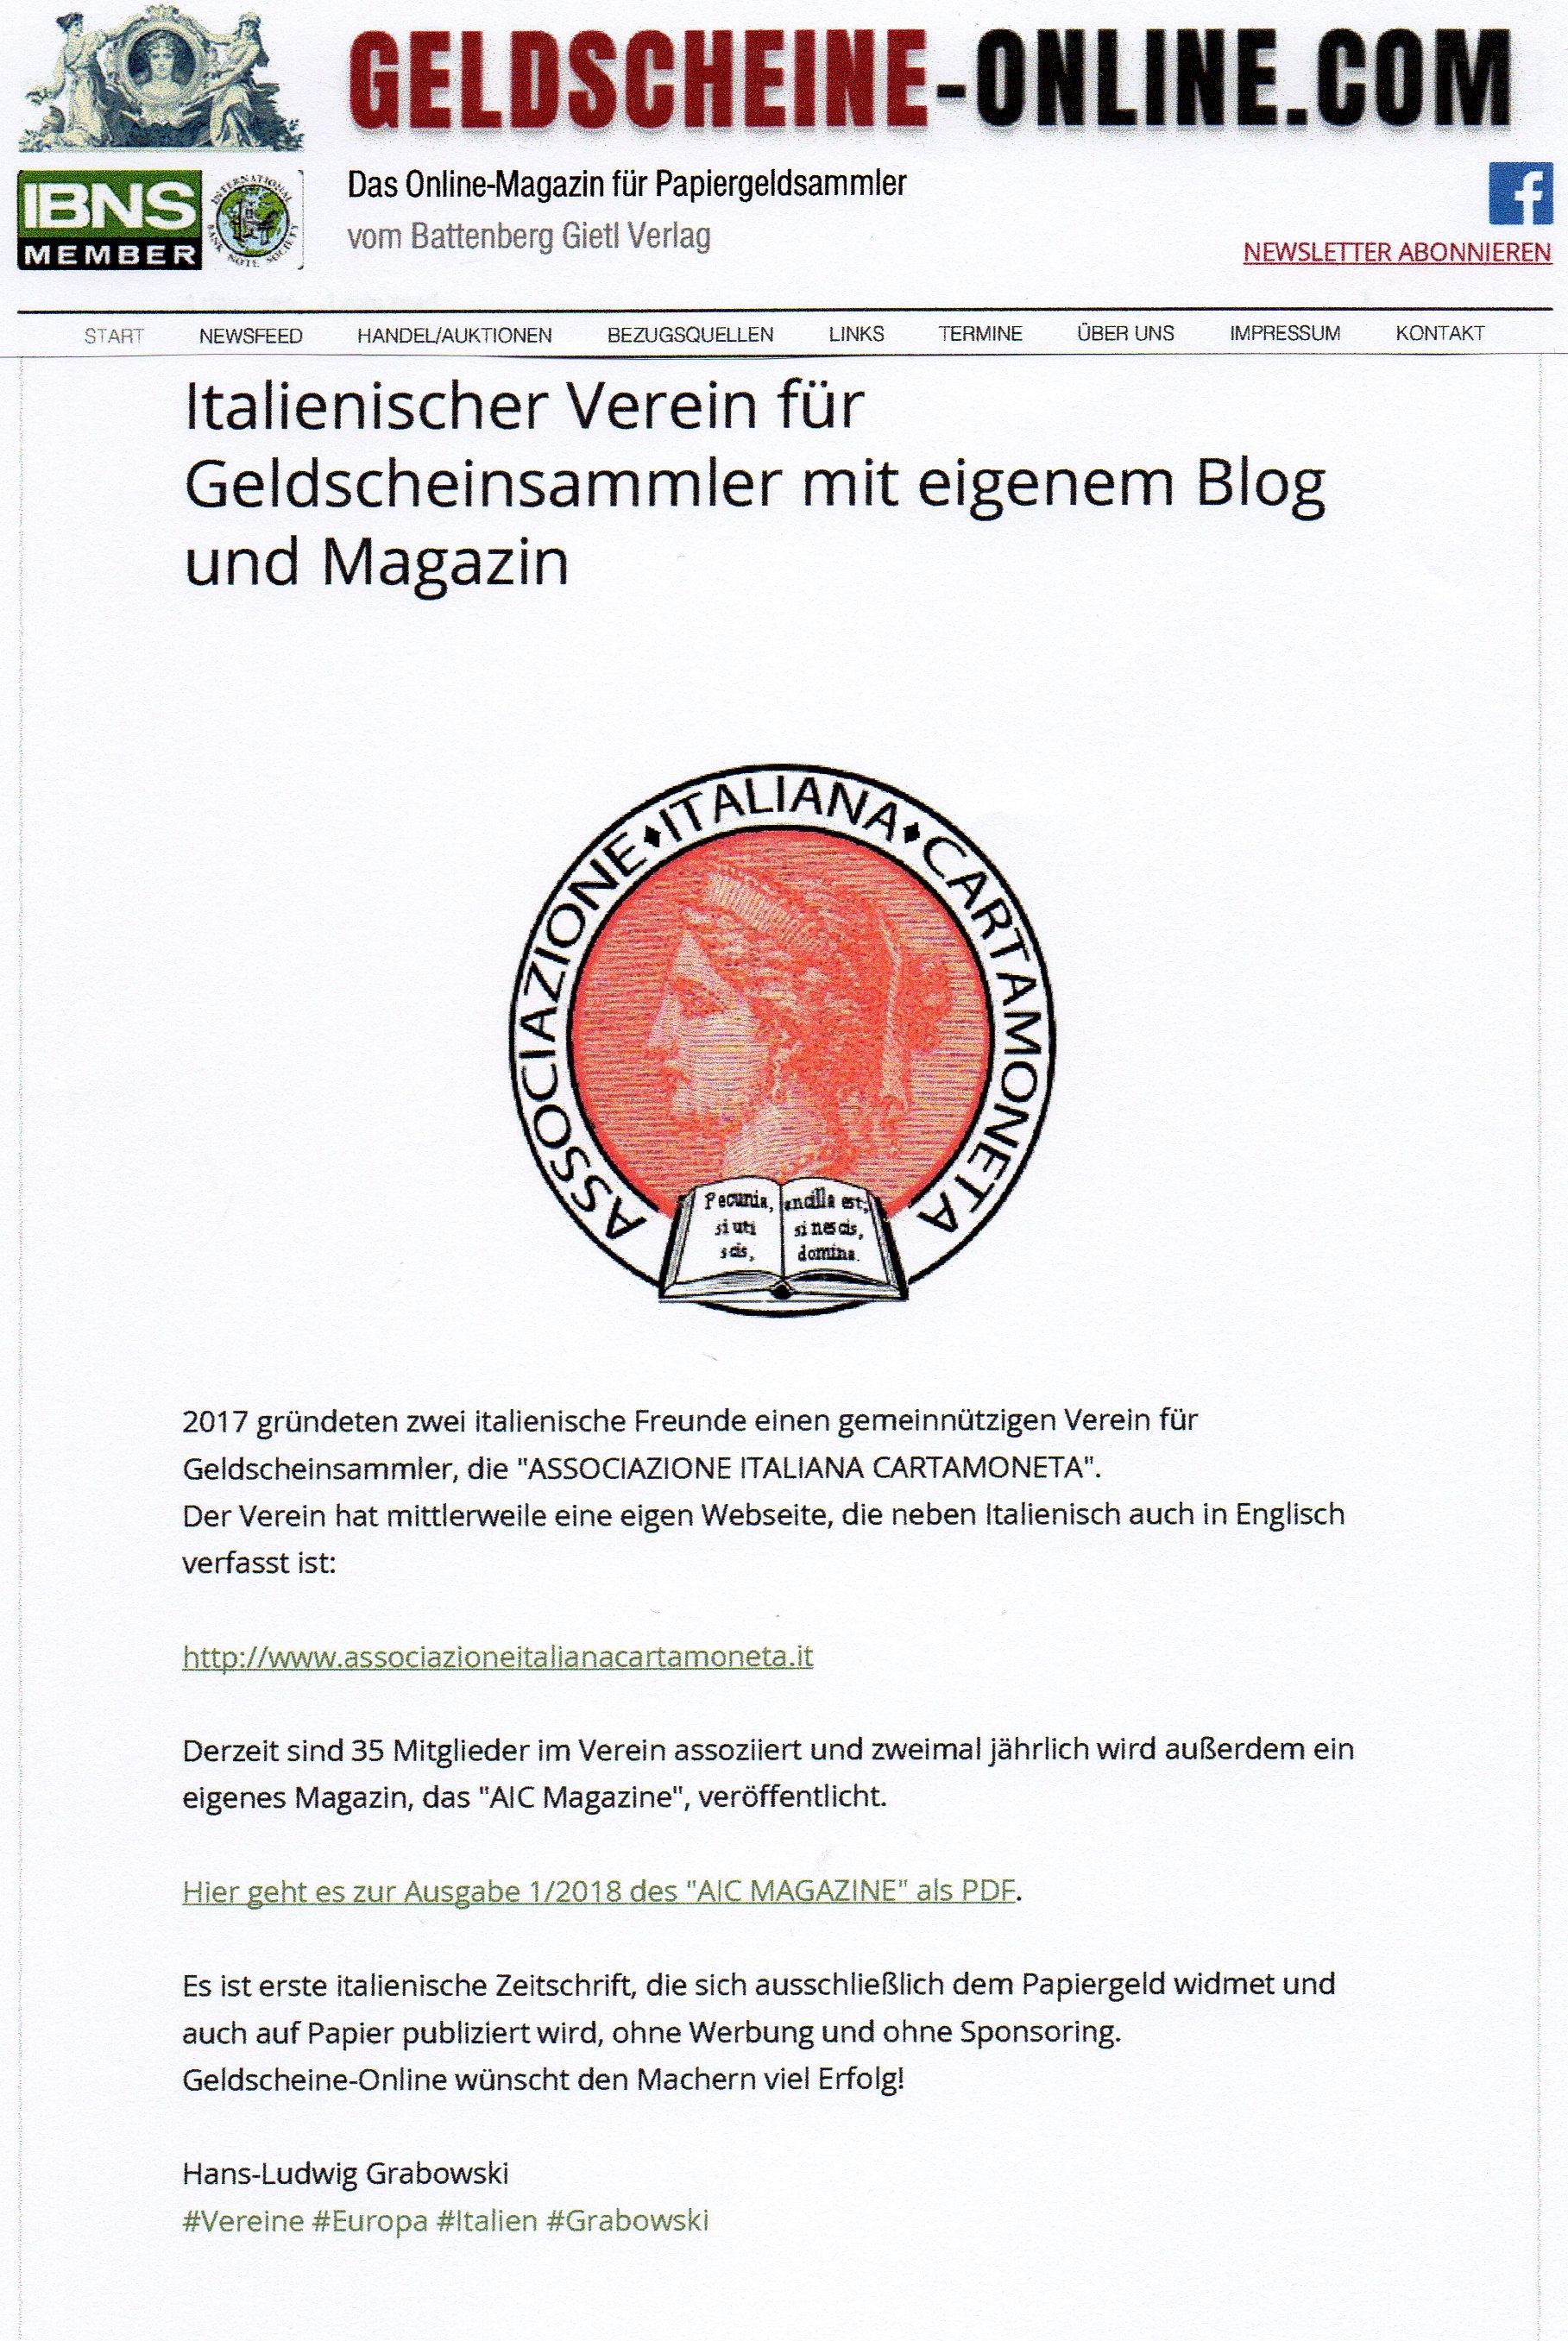 GELDSCHEINE-ONLINE.COM